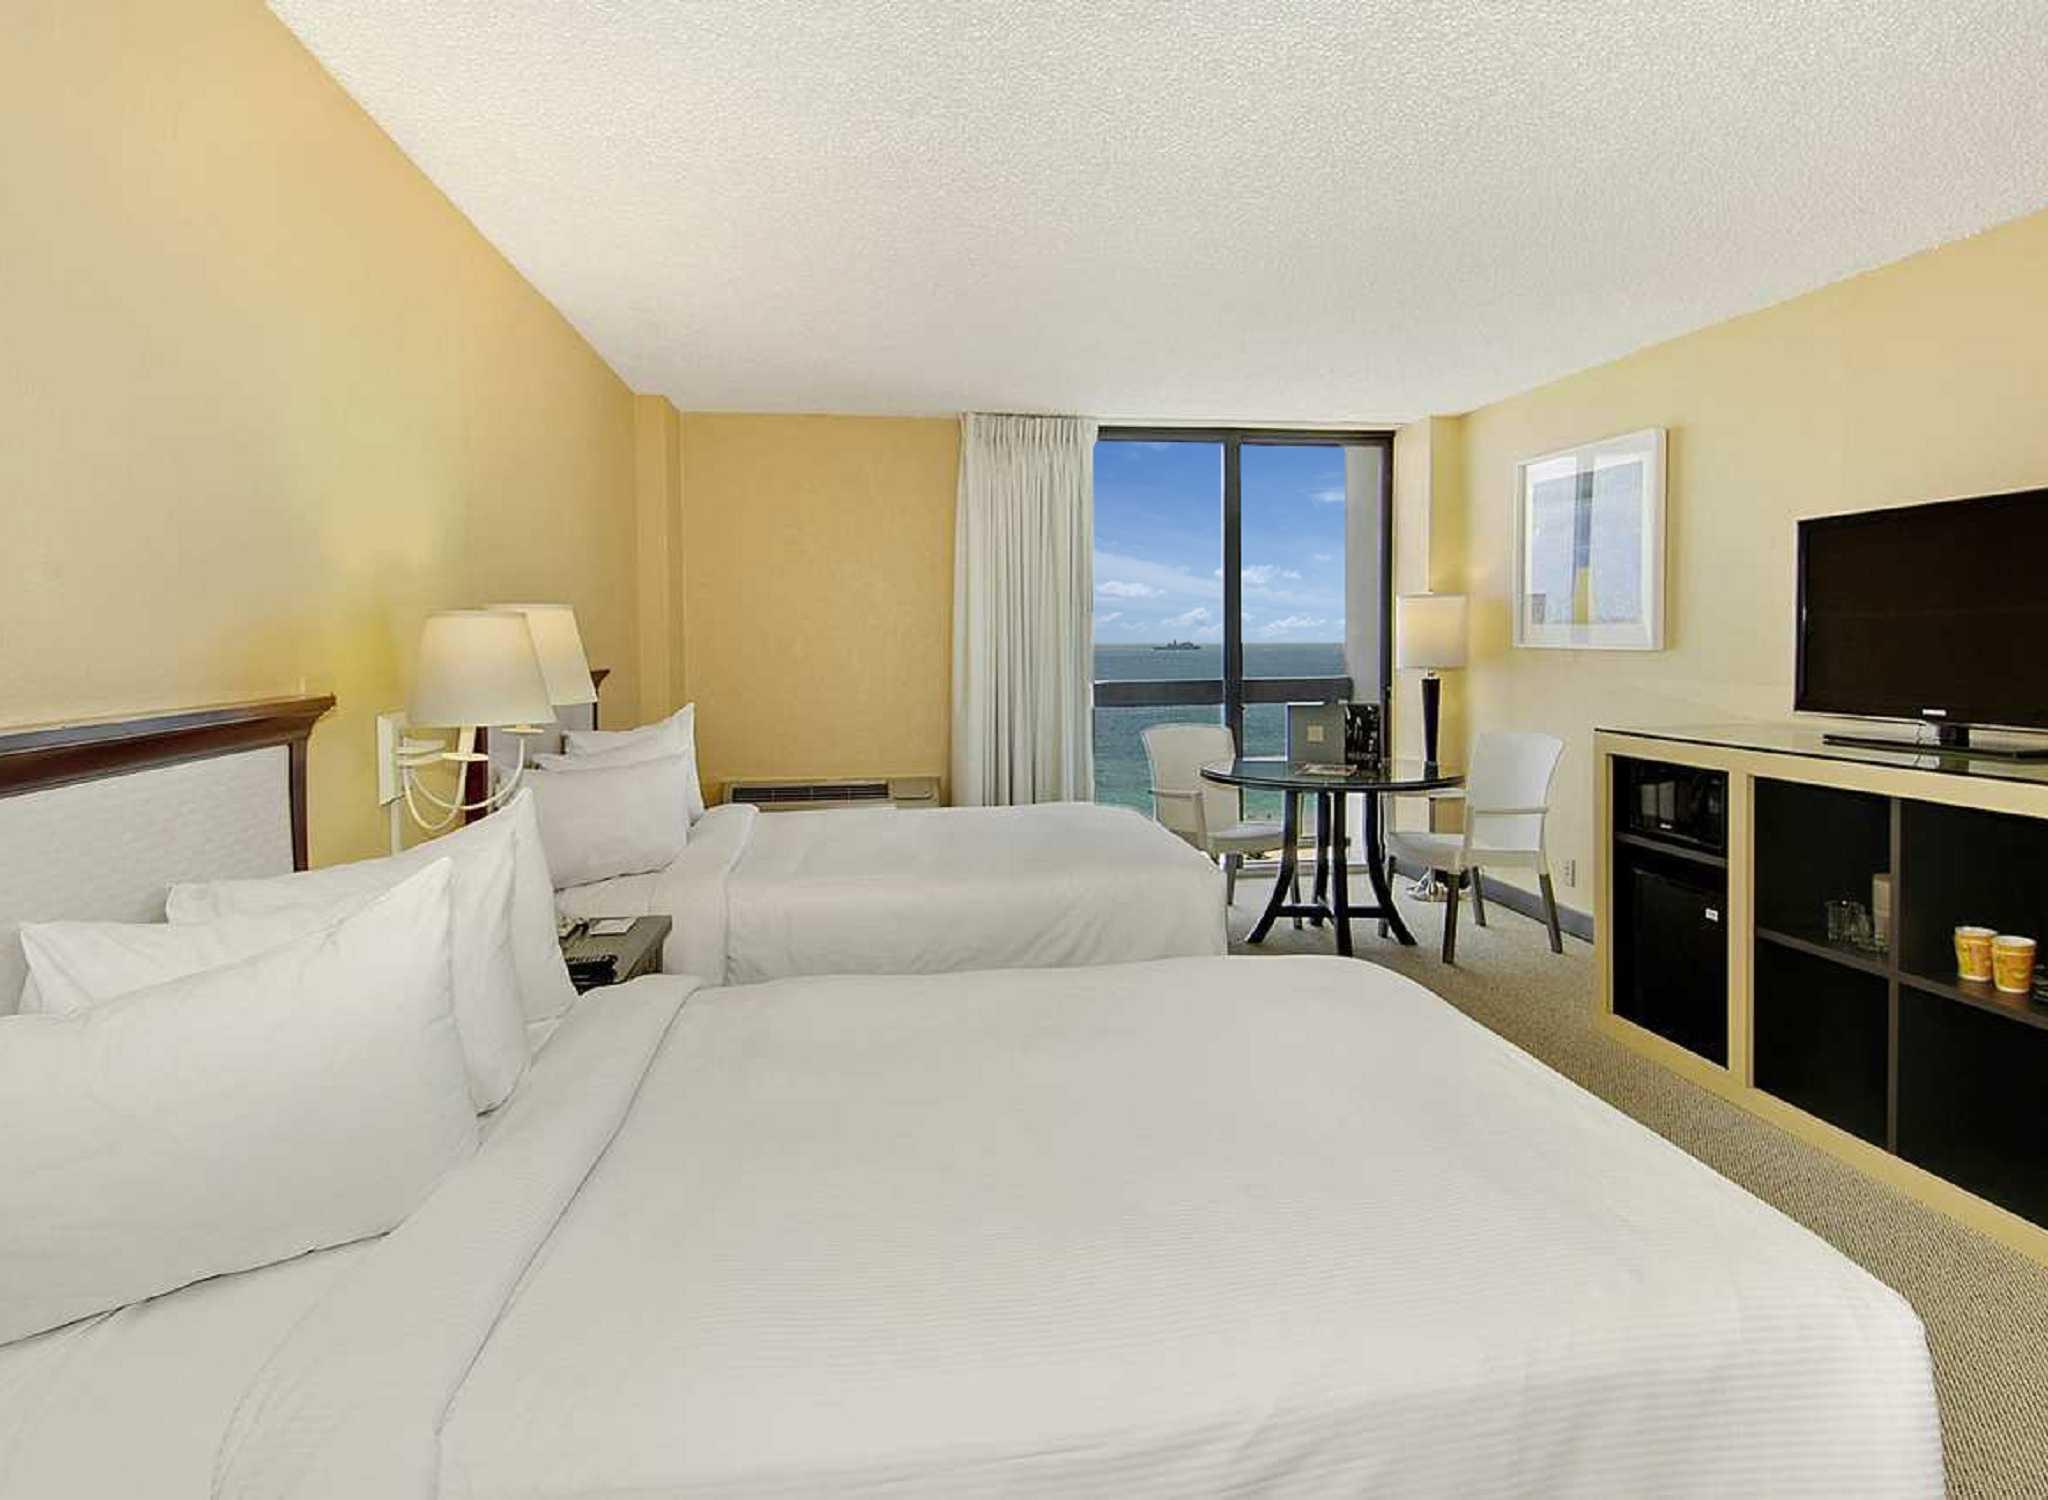 Marvelous Bahia Mar Fort Lauderdale Beach U2013 A DoubleTree By Hilton Hotel, EUA U2013  Standard Com